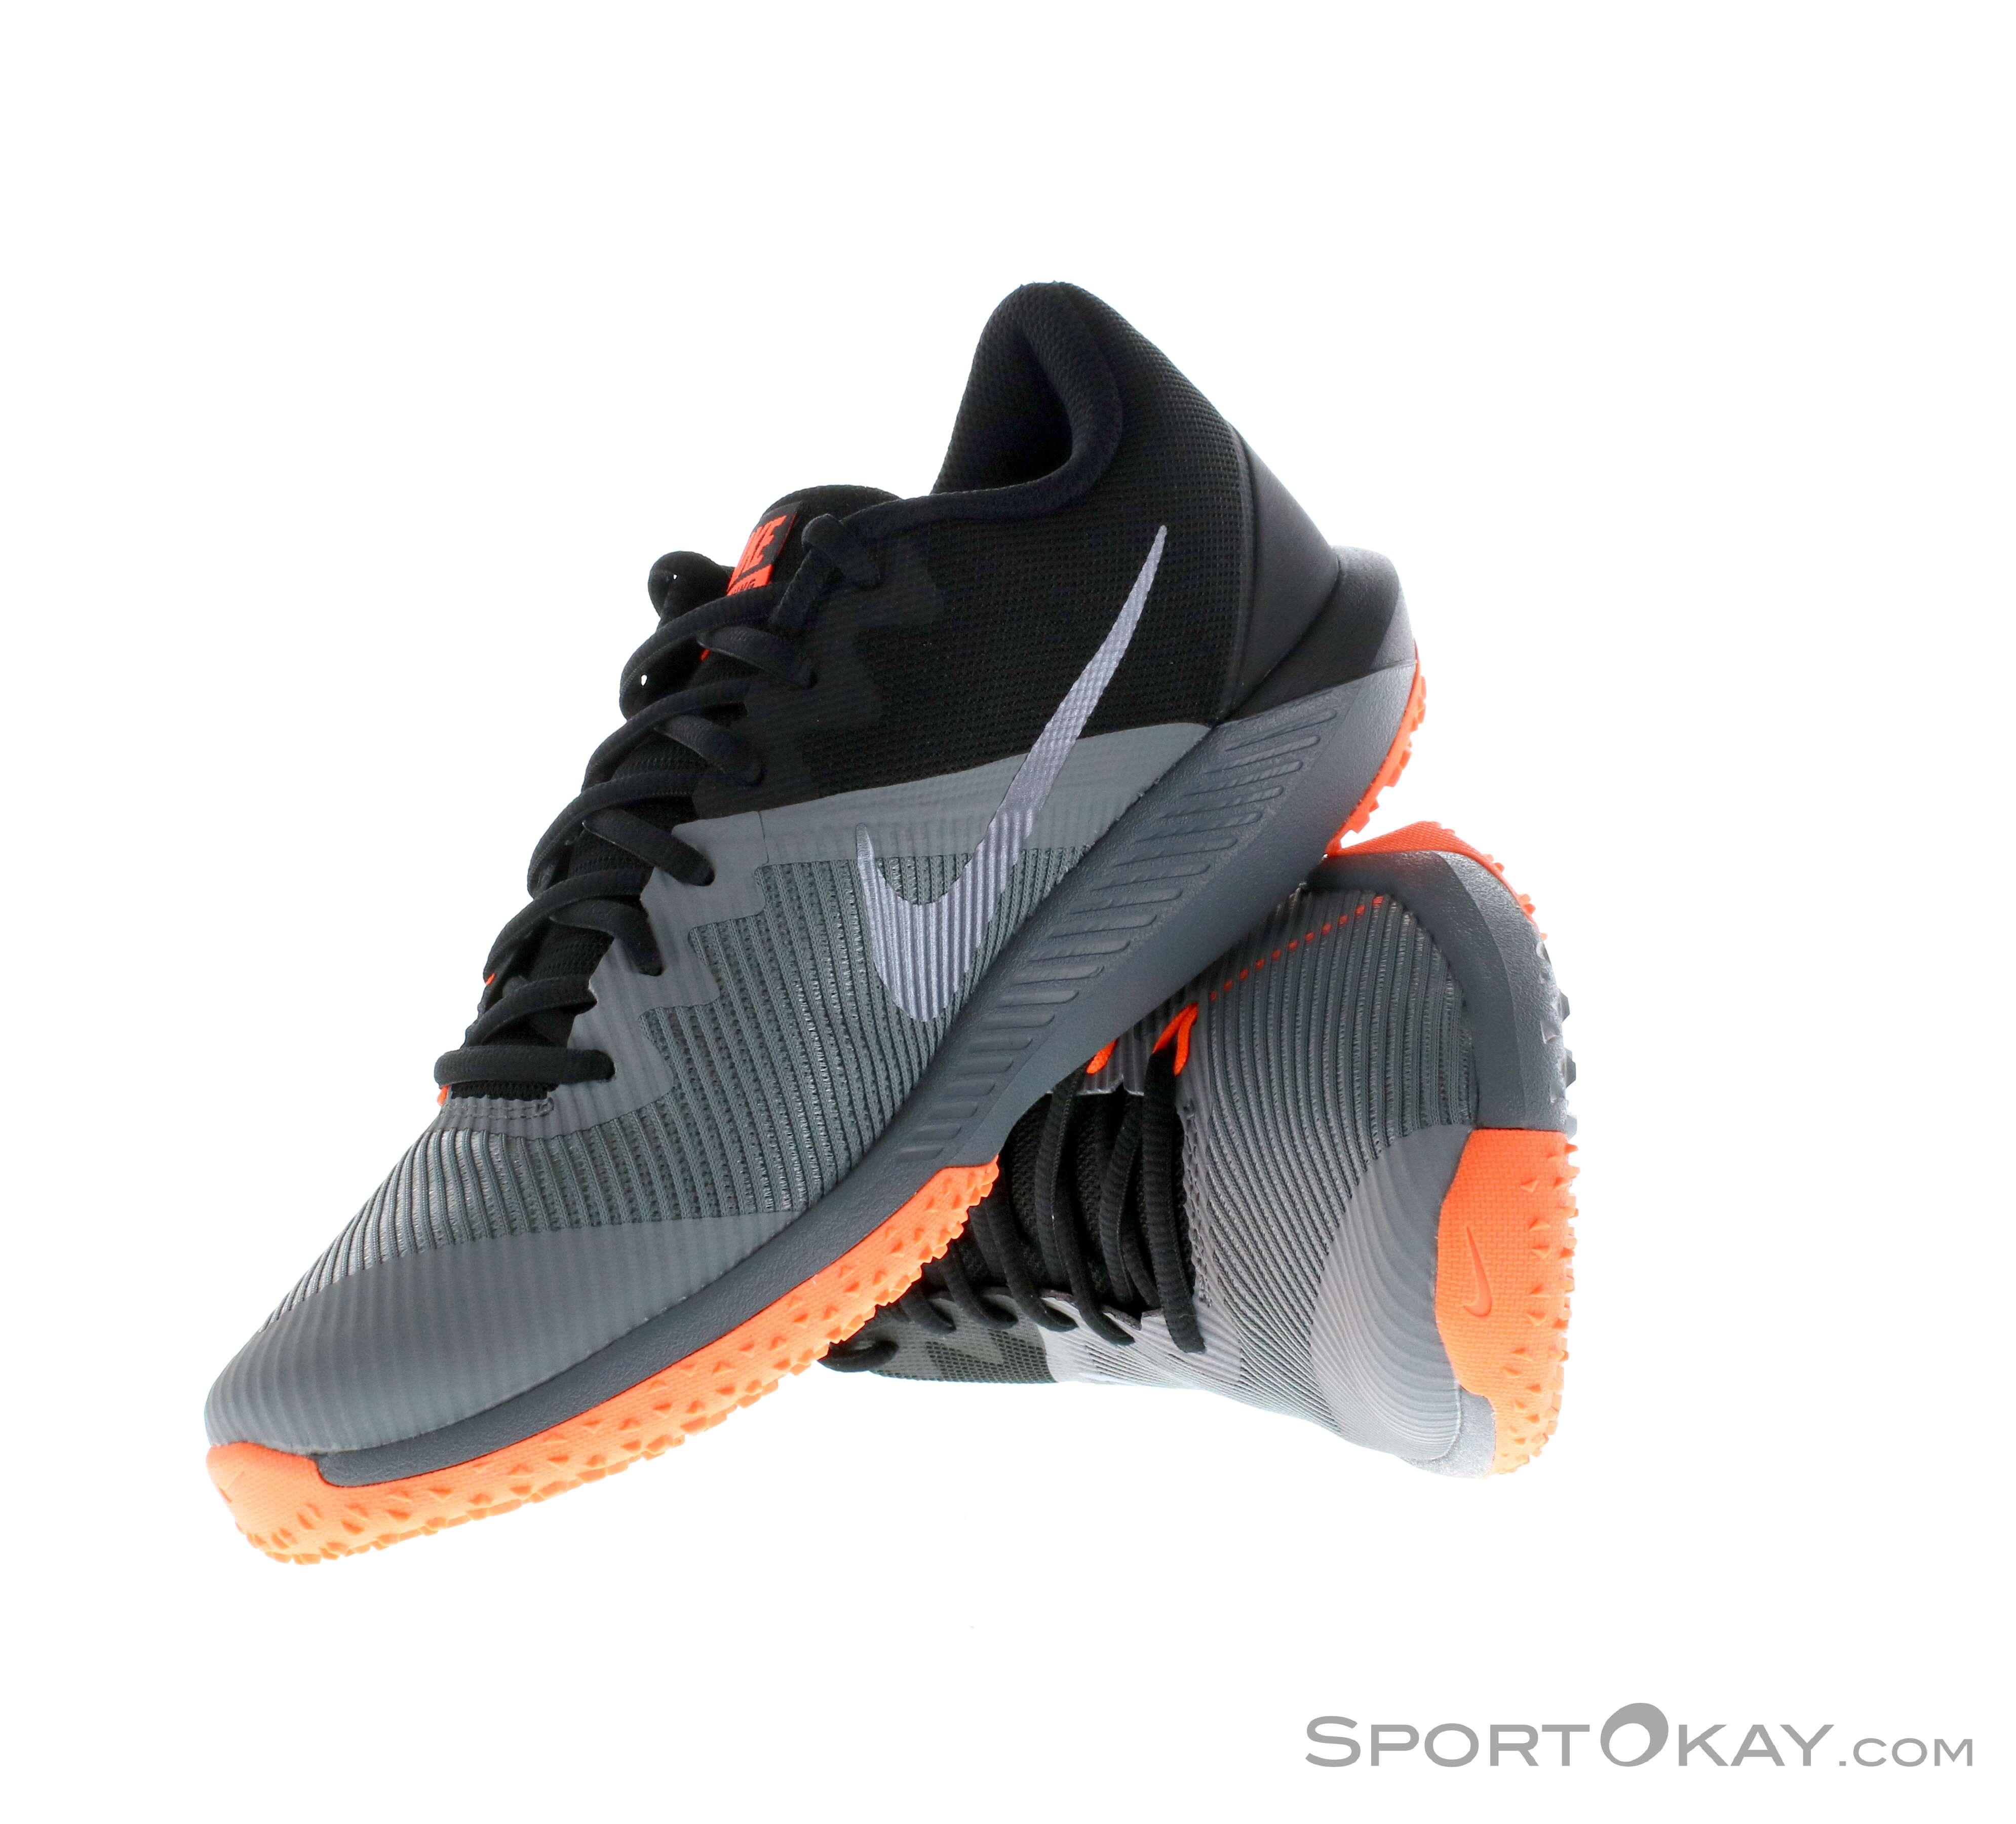 06efca04a6de Nike Retaliation TR Mens Fitness Shoes - Fitness Shoes - Fitness ...